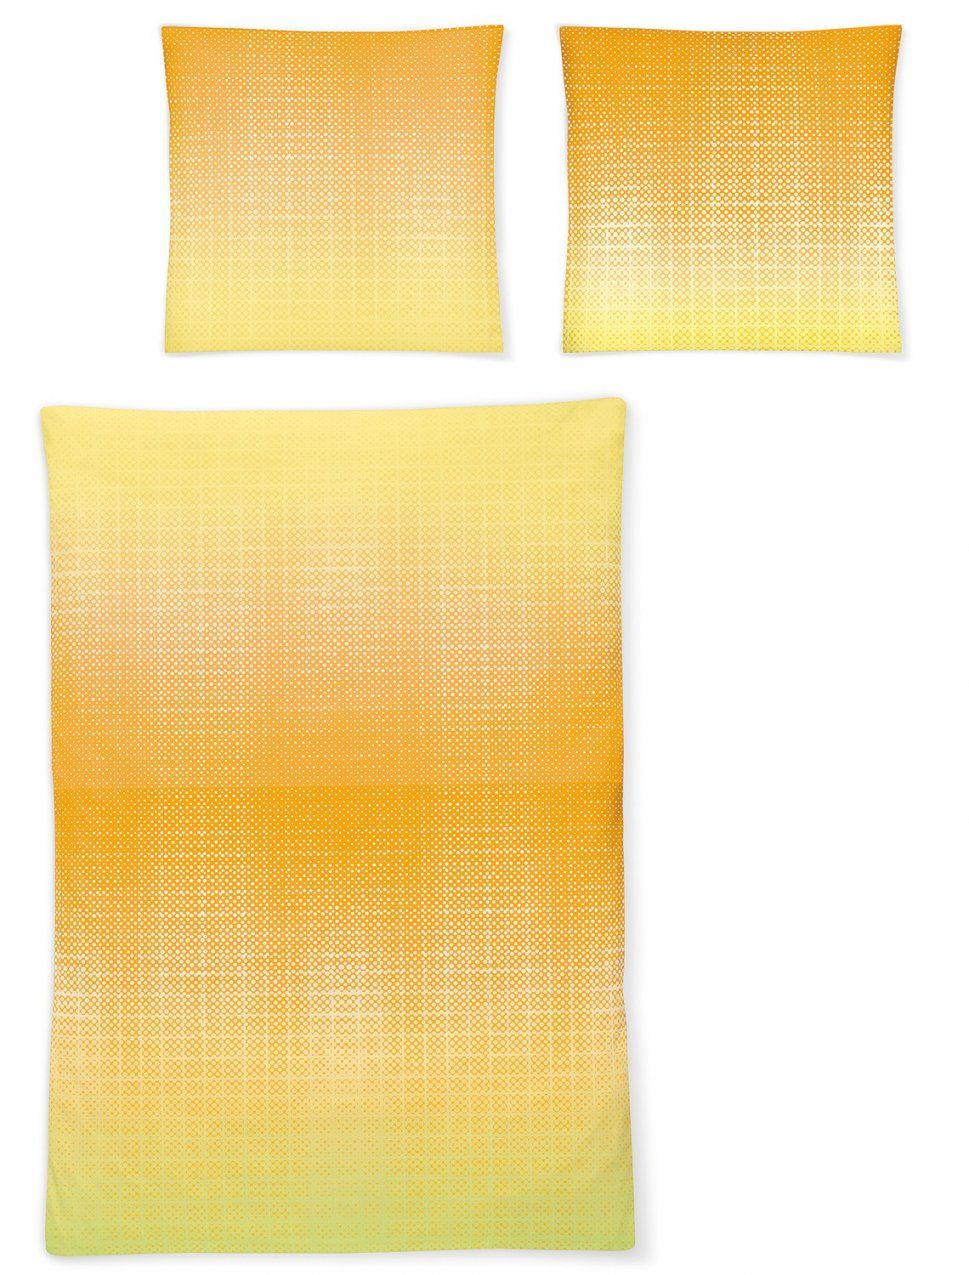 Irisette Makosatin Bettwäsche 849150 Gelb von Biber Bettwäsche Gelb Bild